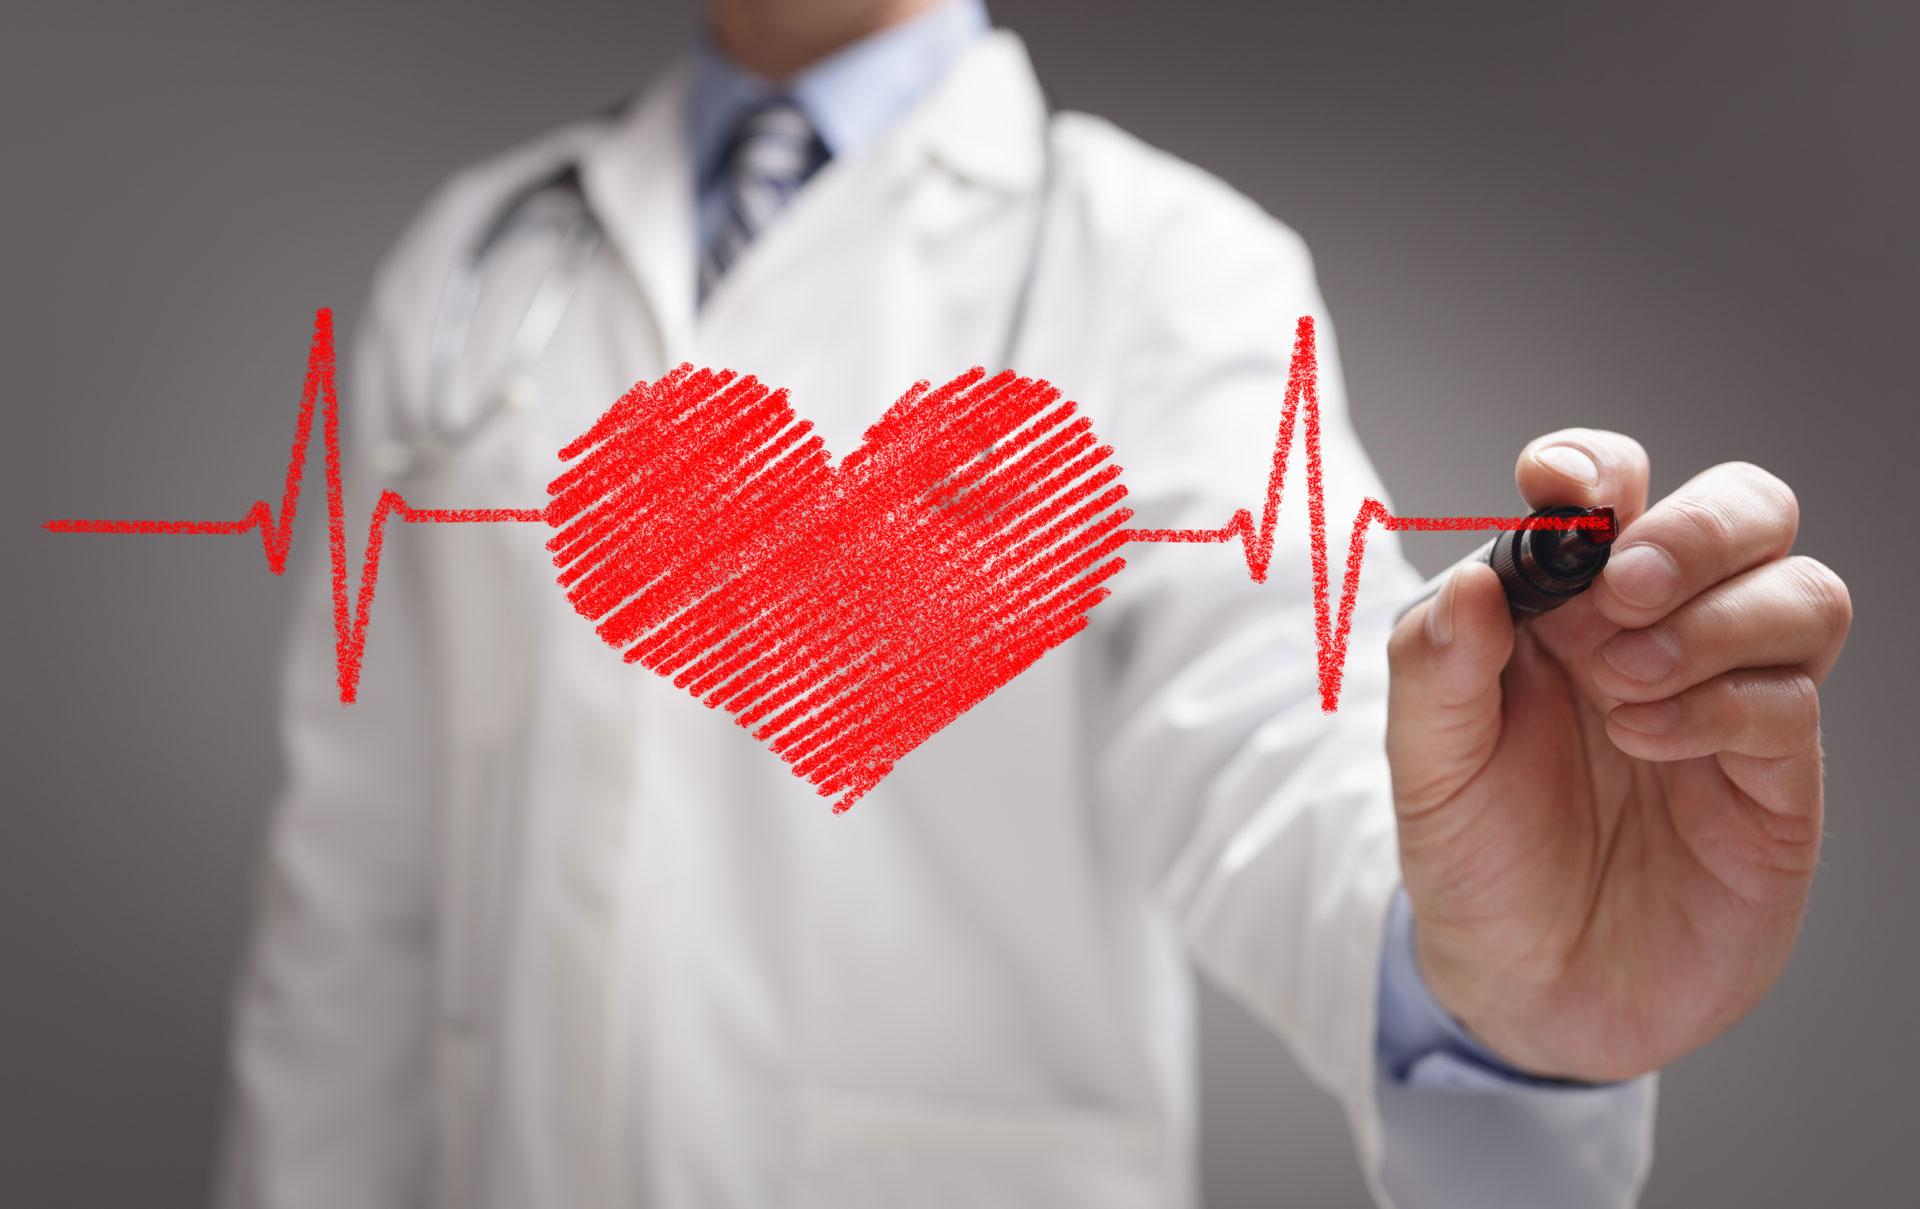 También tiene la capacidad de inhibir el estrés oxidativo mediante sus propiedades antiinflamatorias, aporta a la disminución del colesterol y controla la presión arterial (iStock)